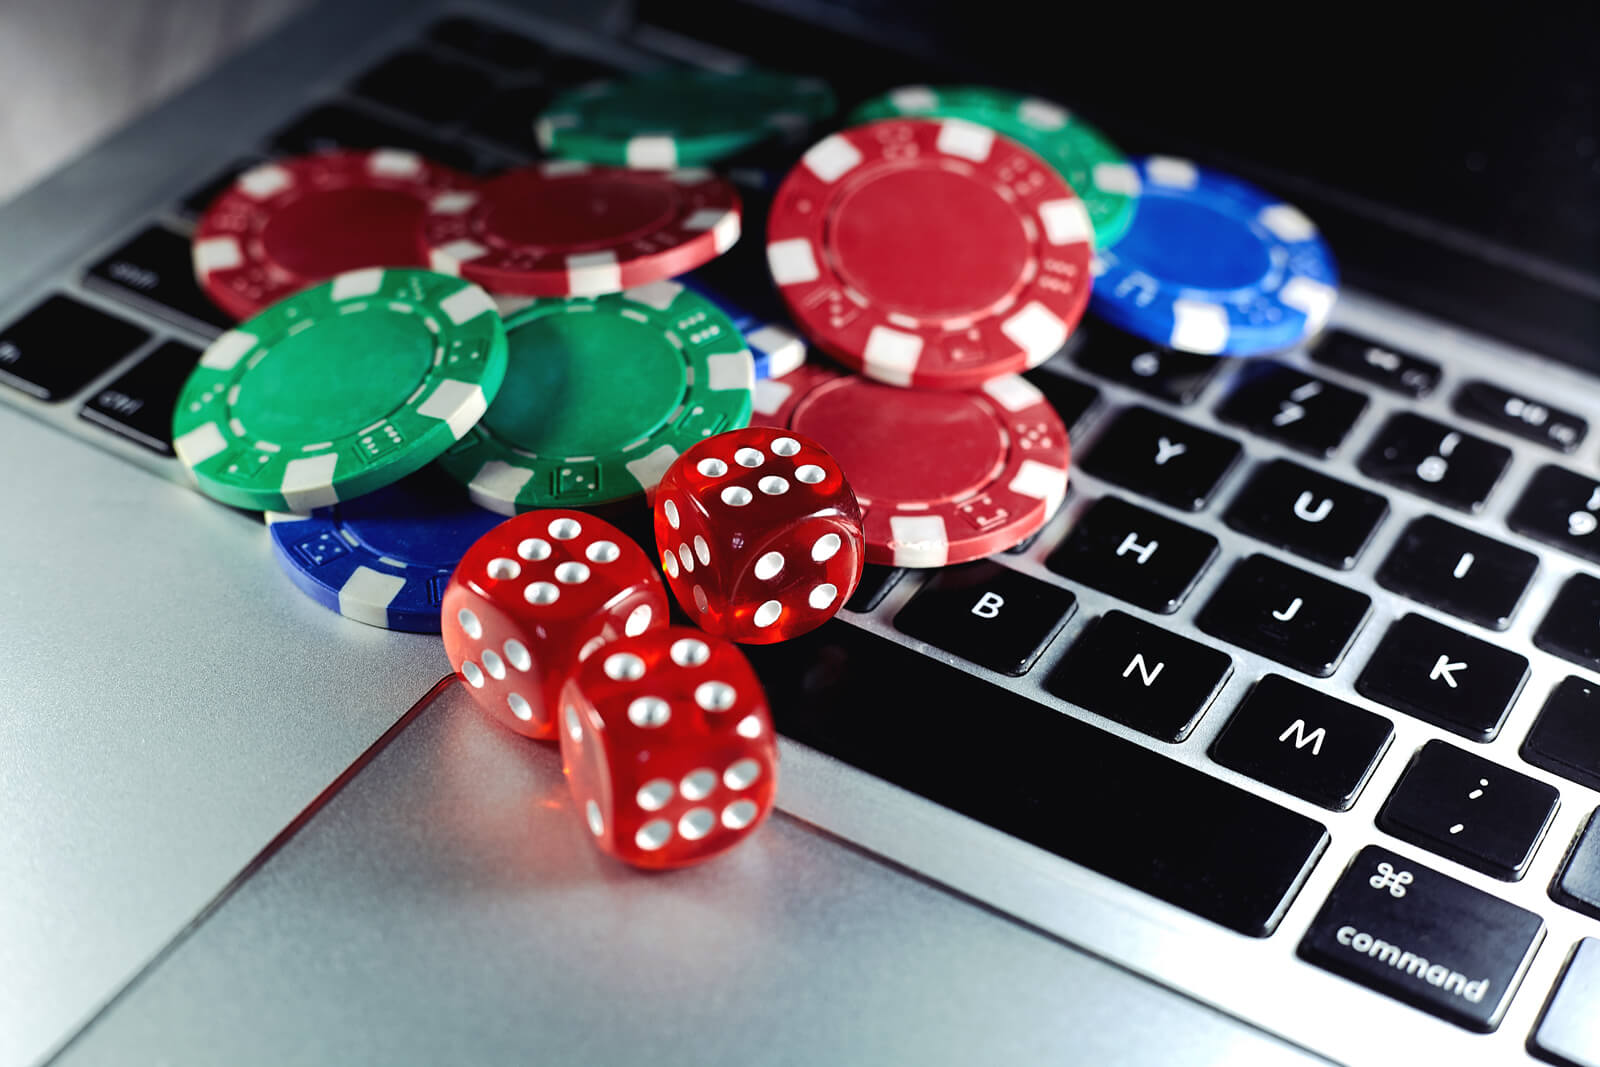 Rahapeli Kasino Korttiipeli Pokeri